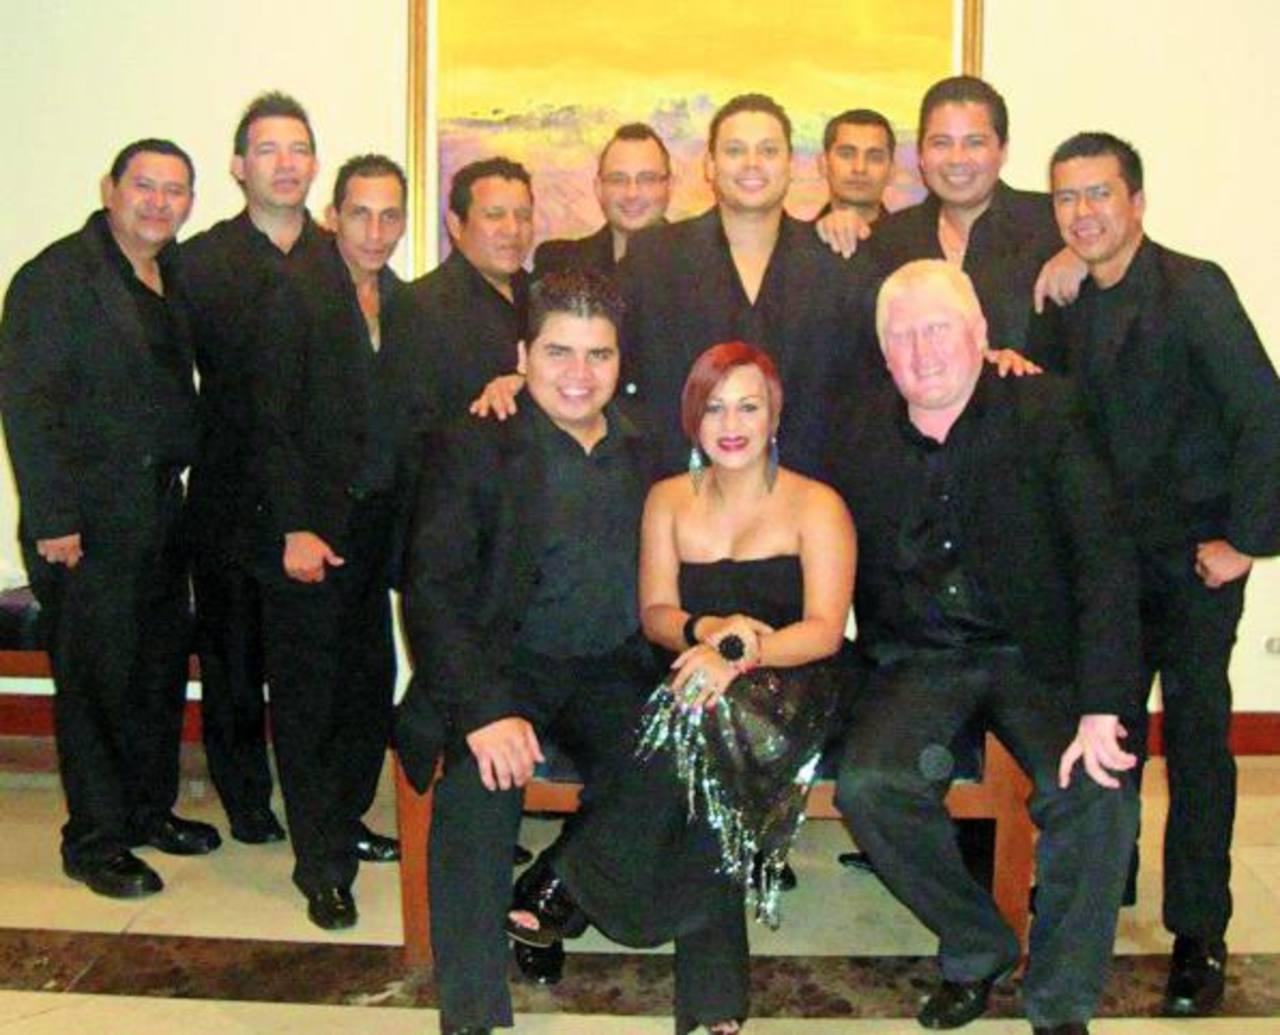 El cierre de la temporada de aniversario estará a cargo de Salsa Clave, que cuenta con la voz de Ligia Morales. Foto Cortesía